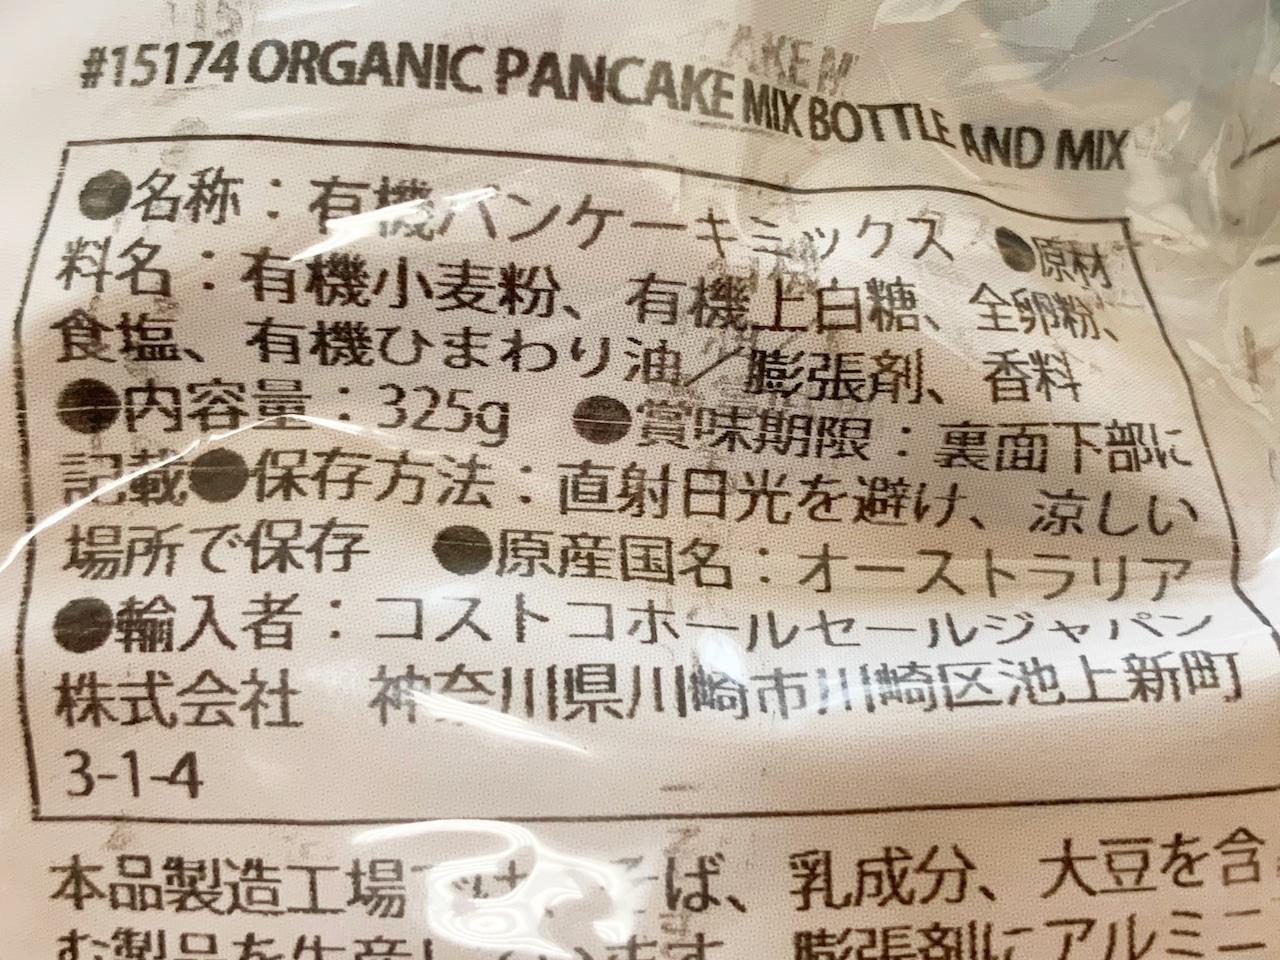 オーガニック パンケーキミックス